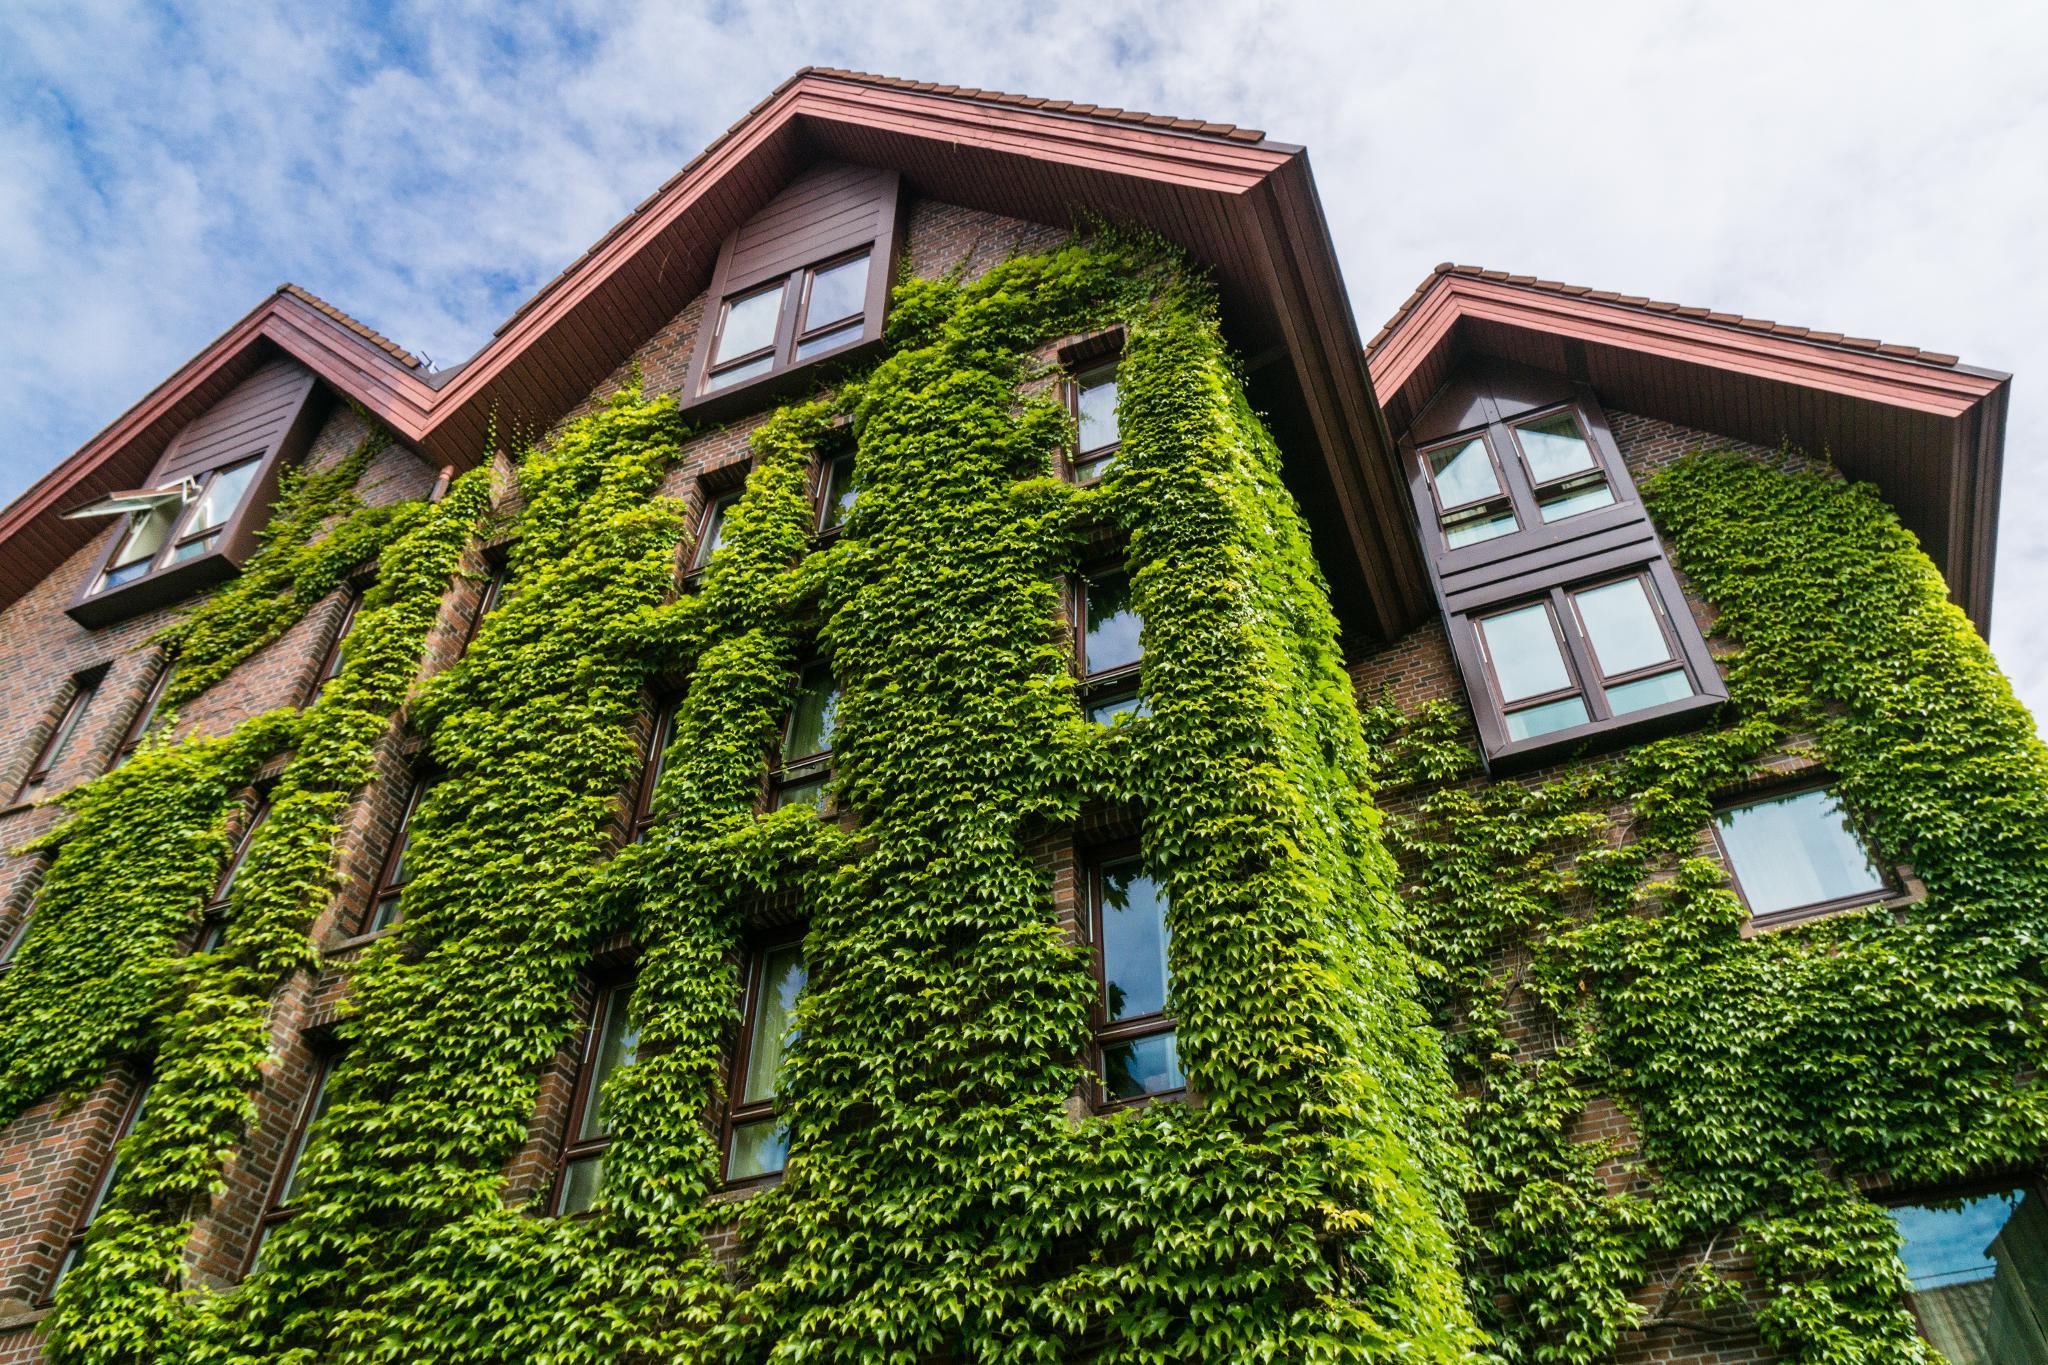 【卑爾根】Bryggen 世界遺產布呂根 — 迷失在百年歷史的挪威彩色木屋 15